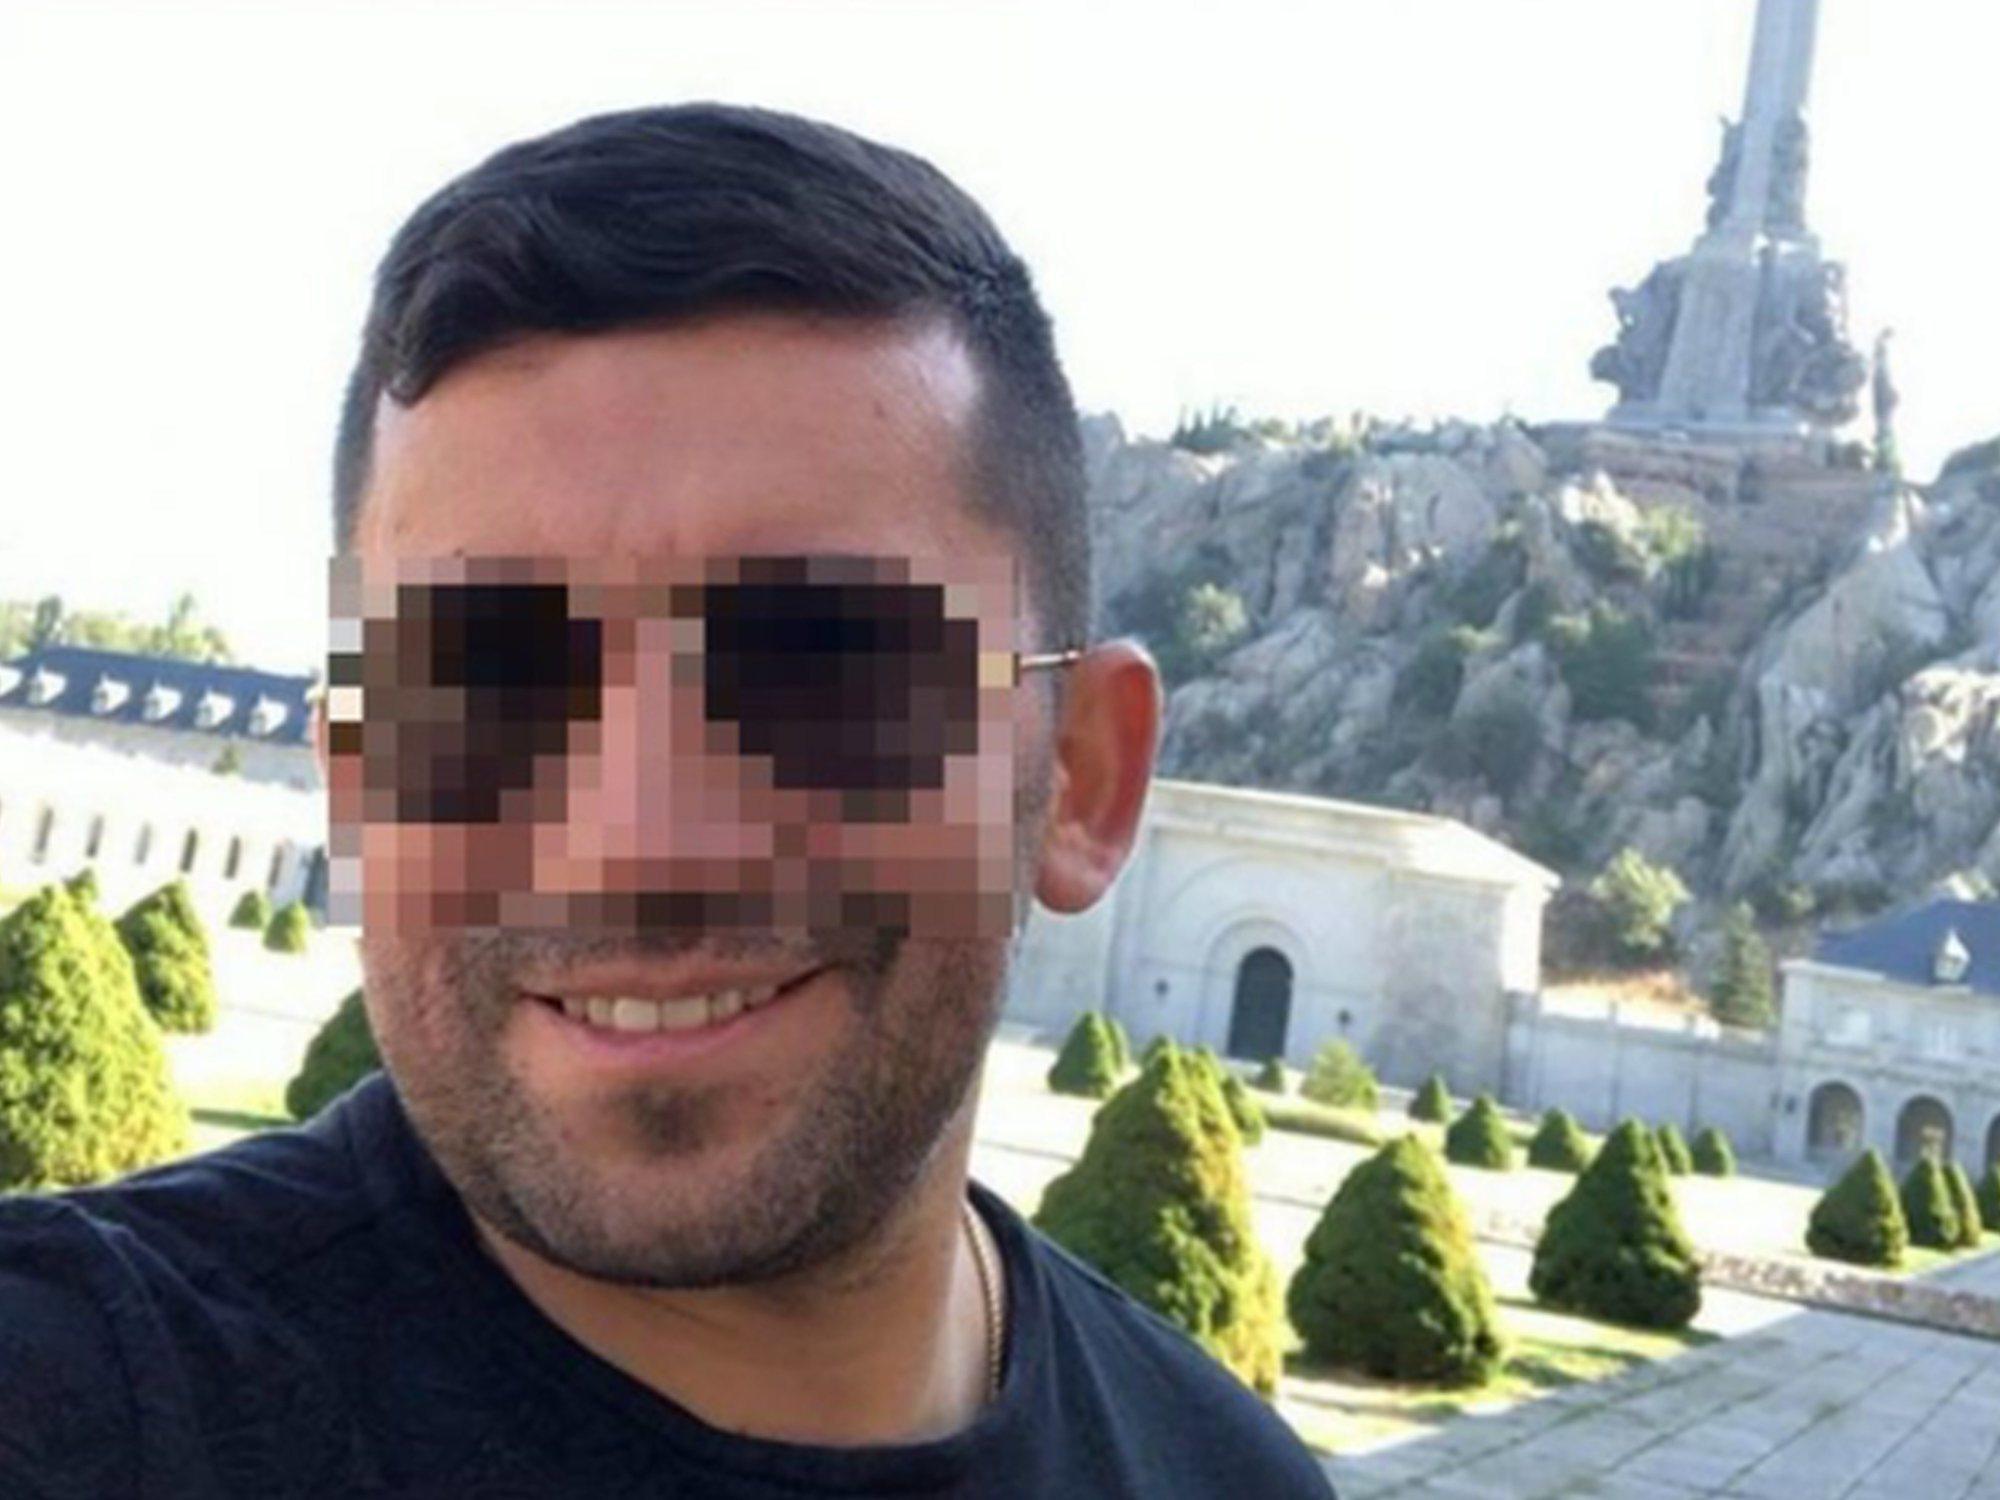 Jorge Palma confiesa que descuartizó a Marta Calvo y tiró su cuerpo en varios contenedores